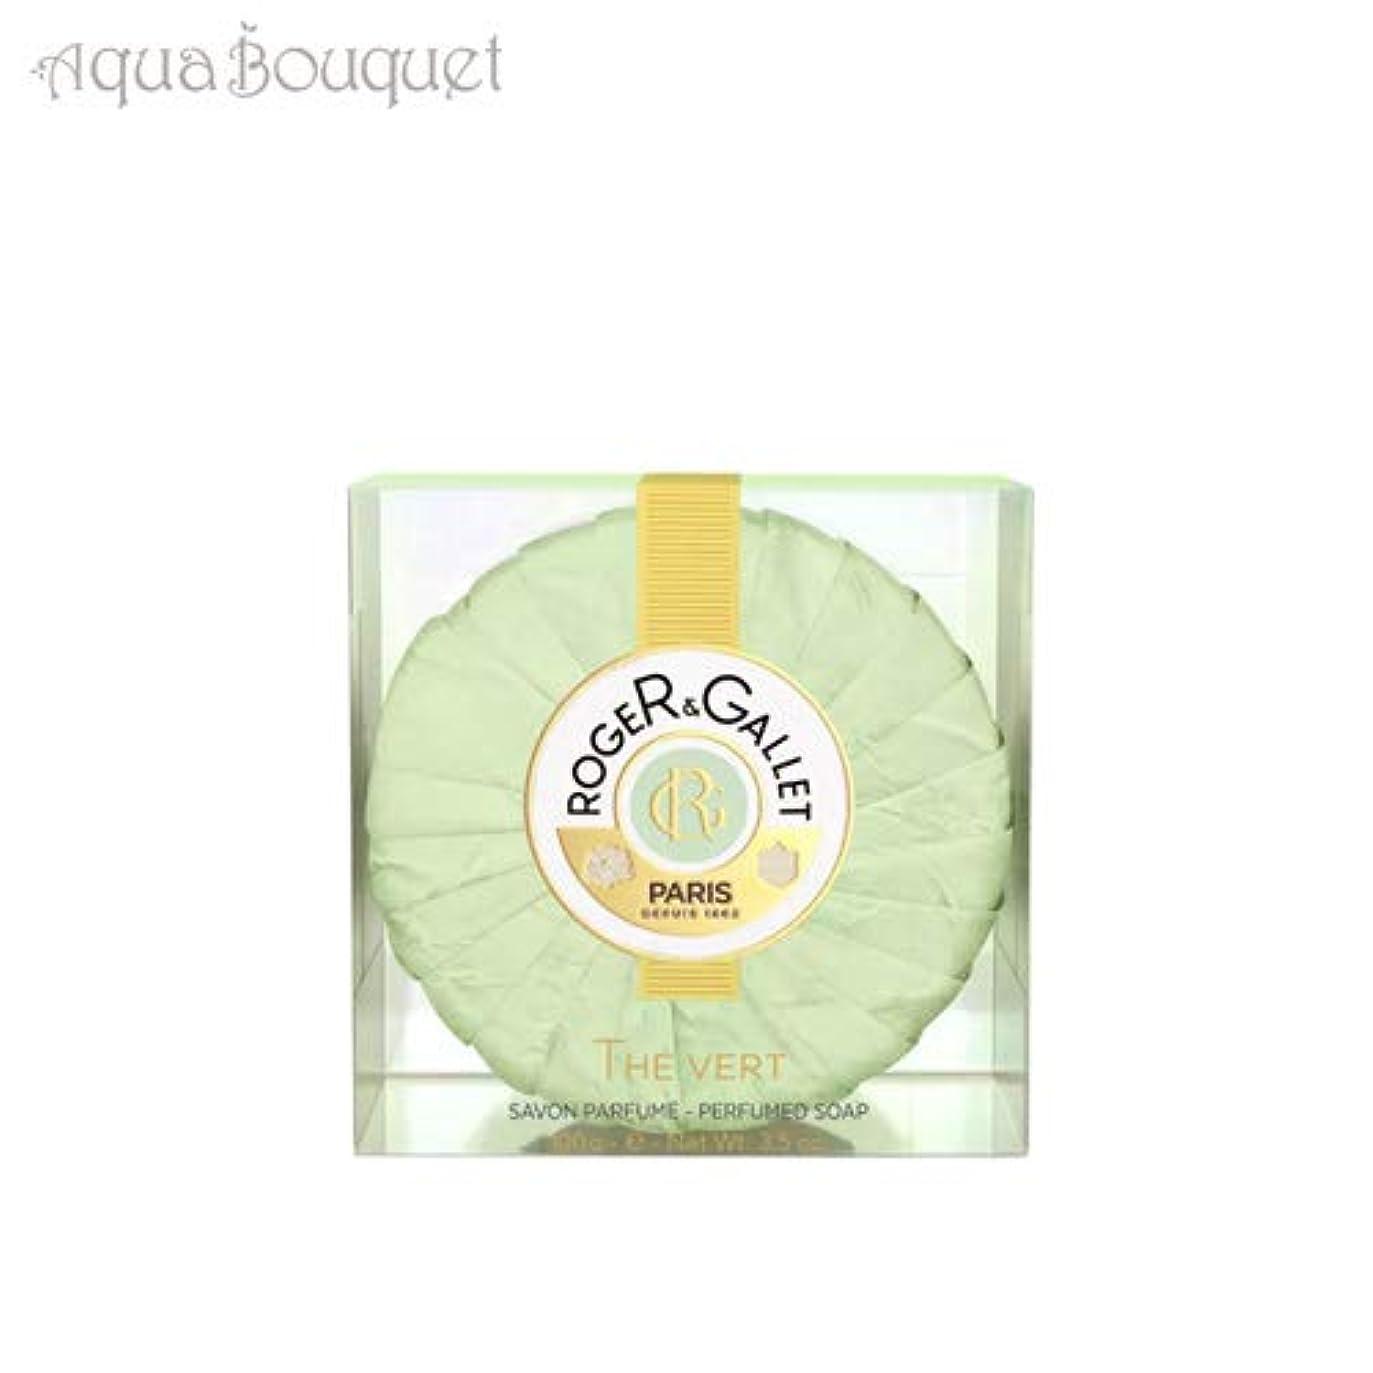 存在する染料ギャングロジェガレ グリーンティー ソープ(オーデ テ ヴェール) 香水石鹸 100g ROGER&GALLET EAU DE THE VERT (GREEN TEA) SOAP [9920] [並行輸入品]